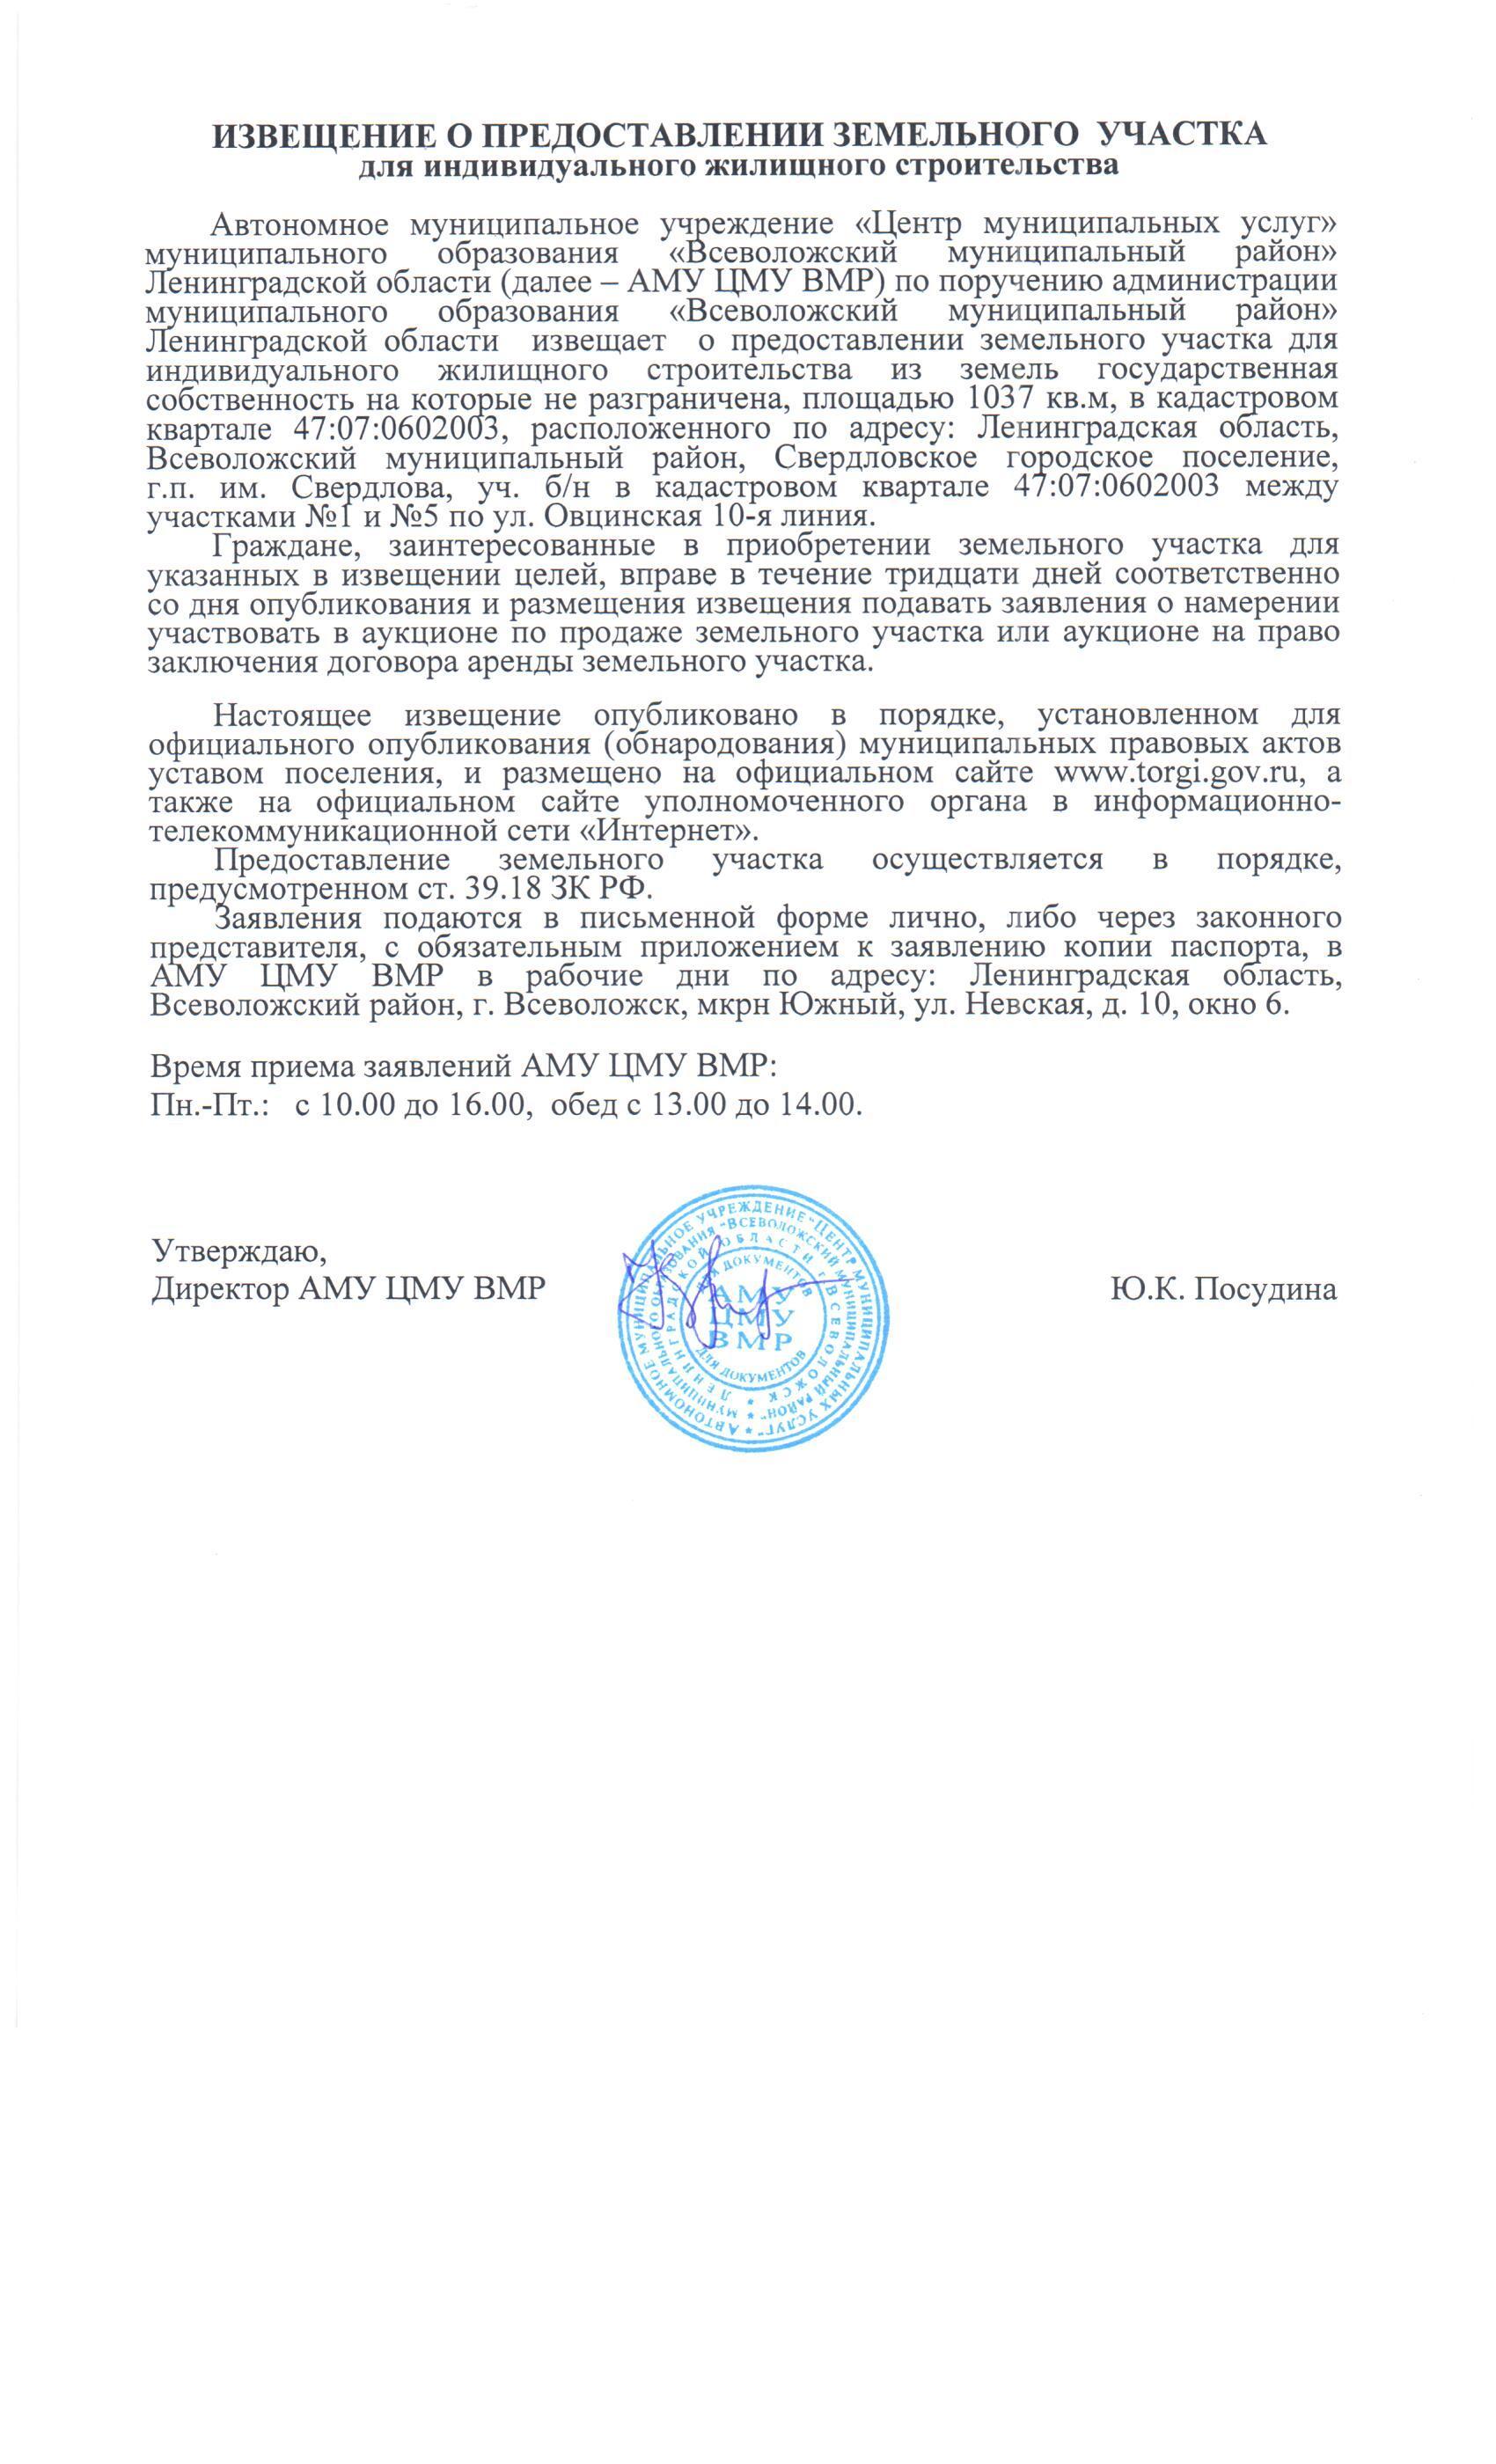 Заявление в суд о выдаче судебного приказа на взыскание